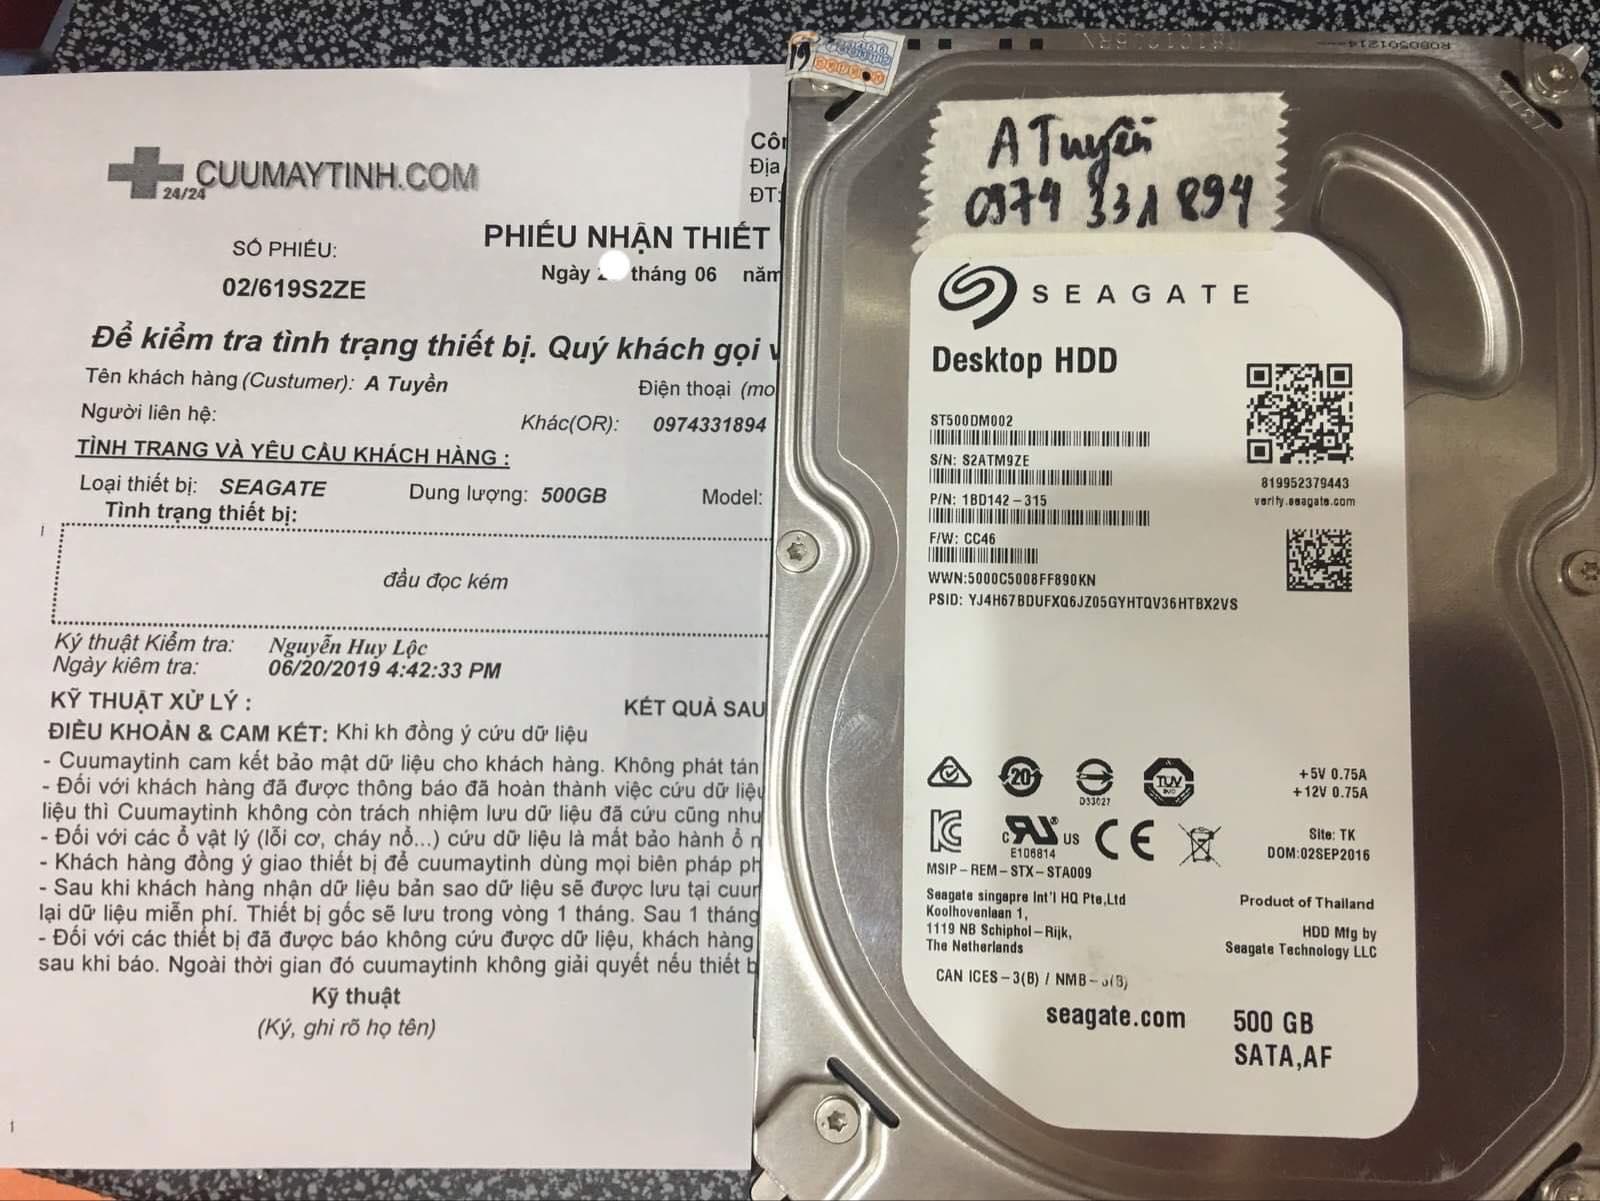 Phục hồi dữ liệu ổ cứng Seagate 500GB đầu đọc kém 24/06/2019. - cuumaytinh